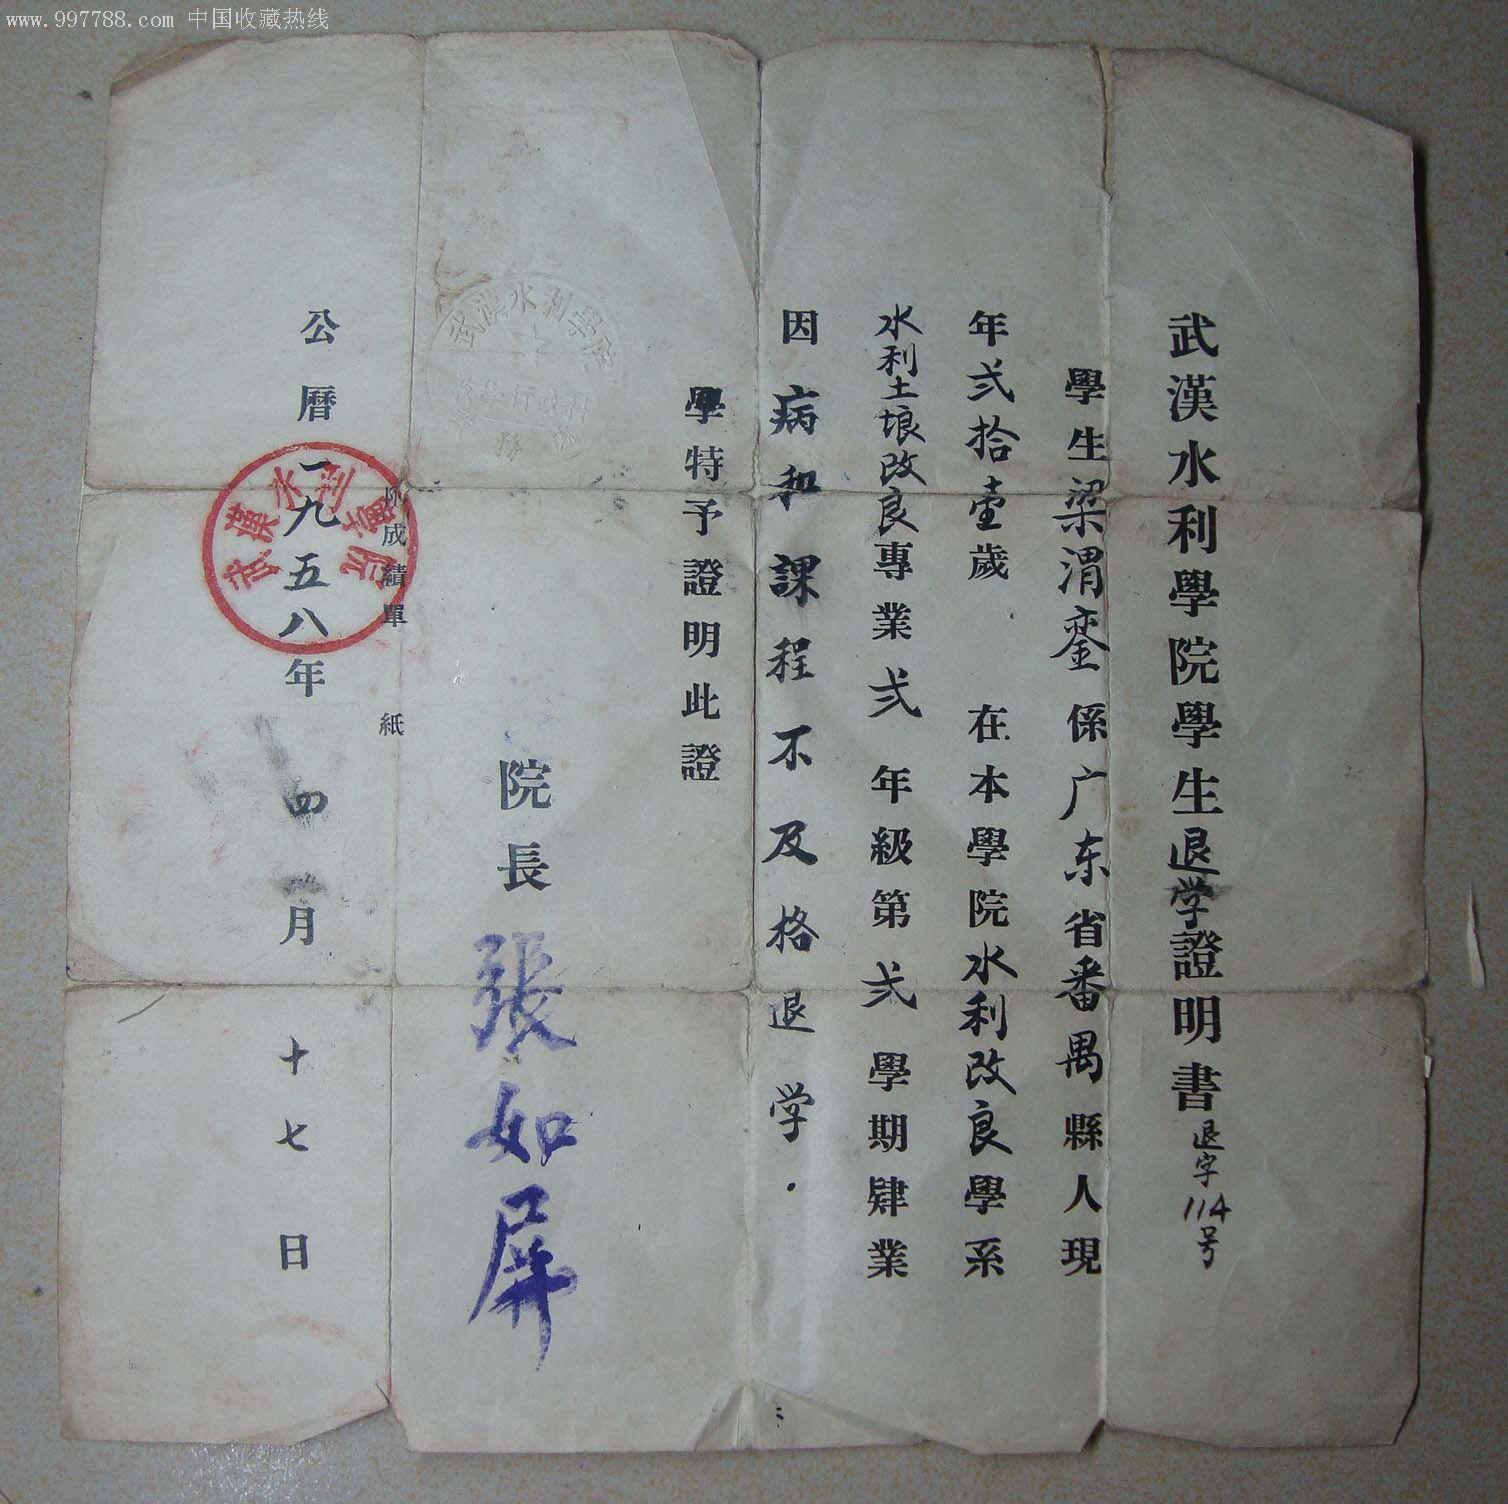 武汉水利学院学生退学证明\1958年